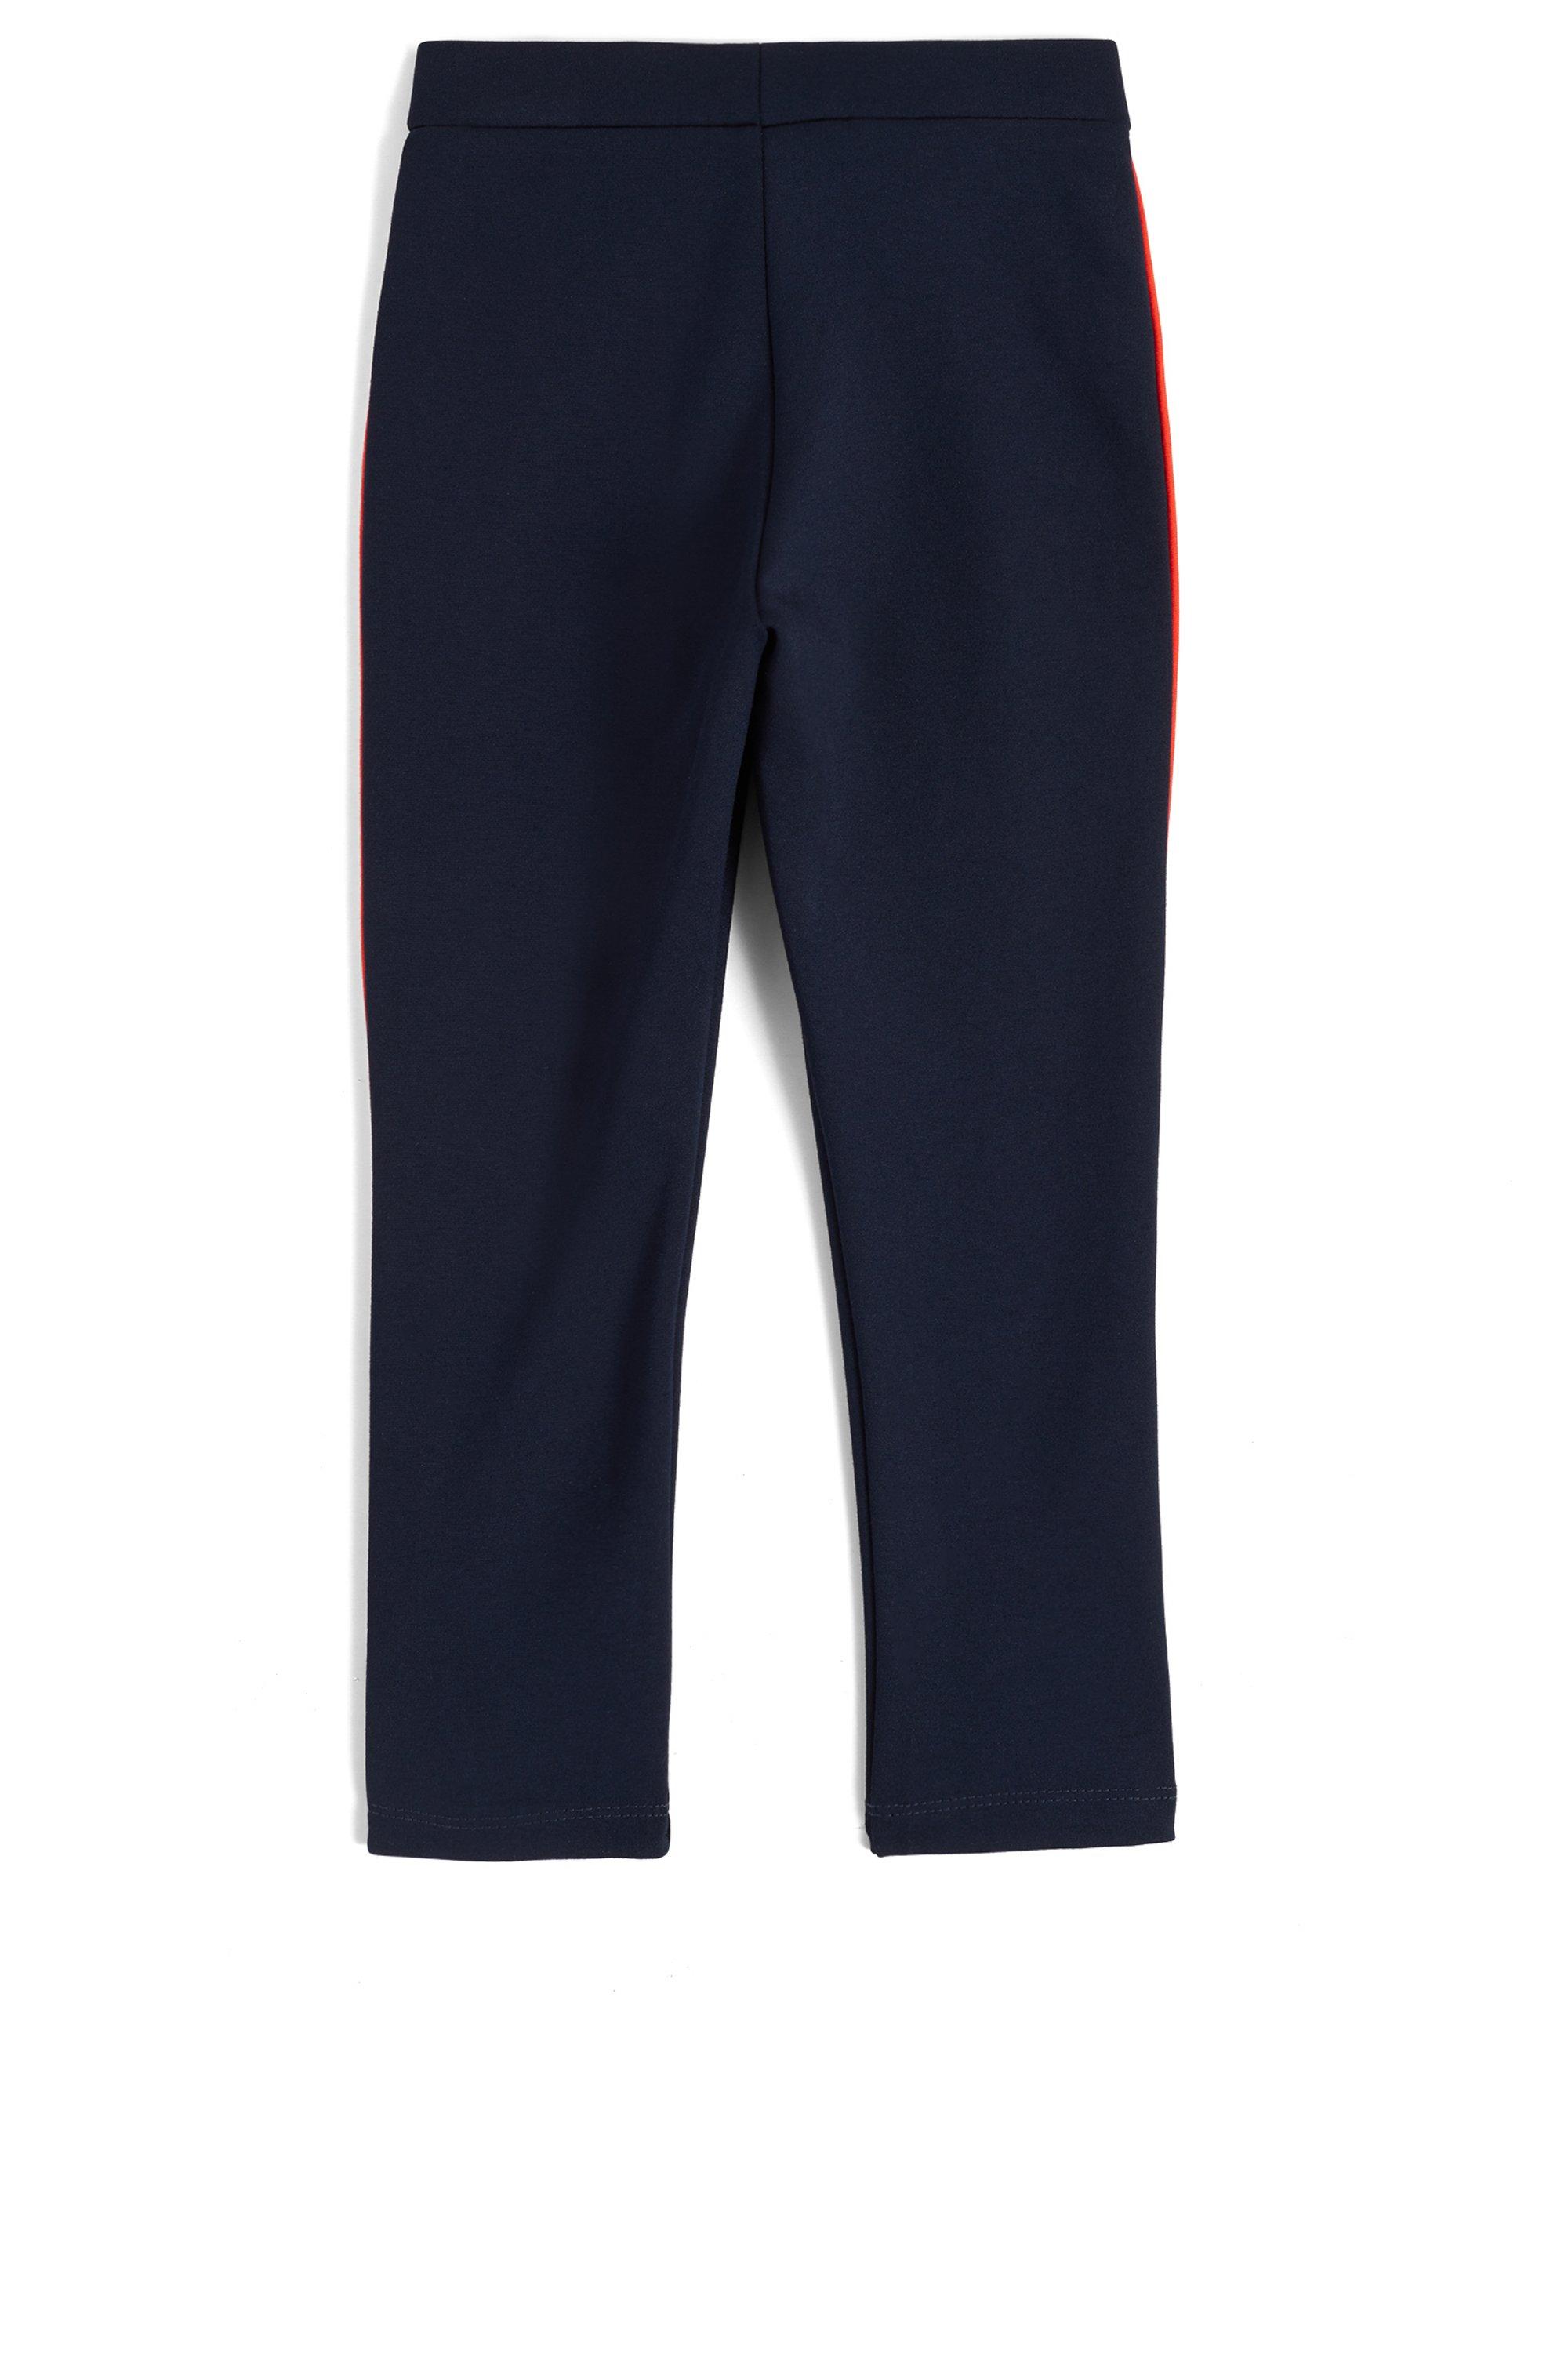 Kids-Leggings aus Stretch-Jersey mit kontrastfarbenen Seitenstreifen